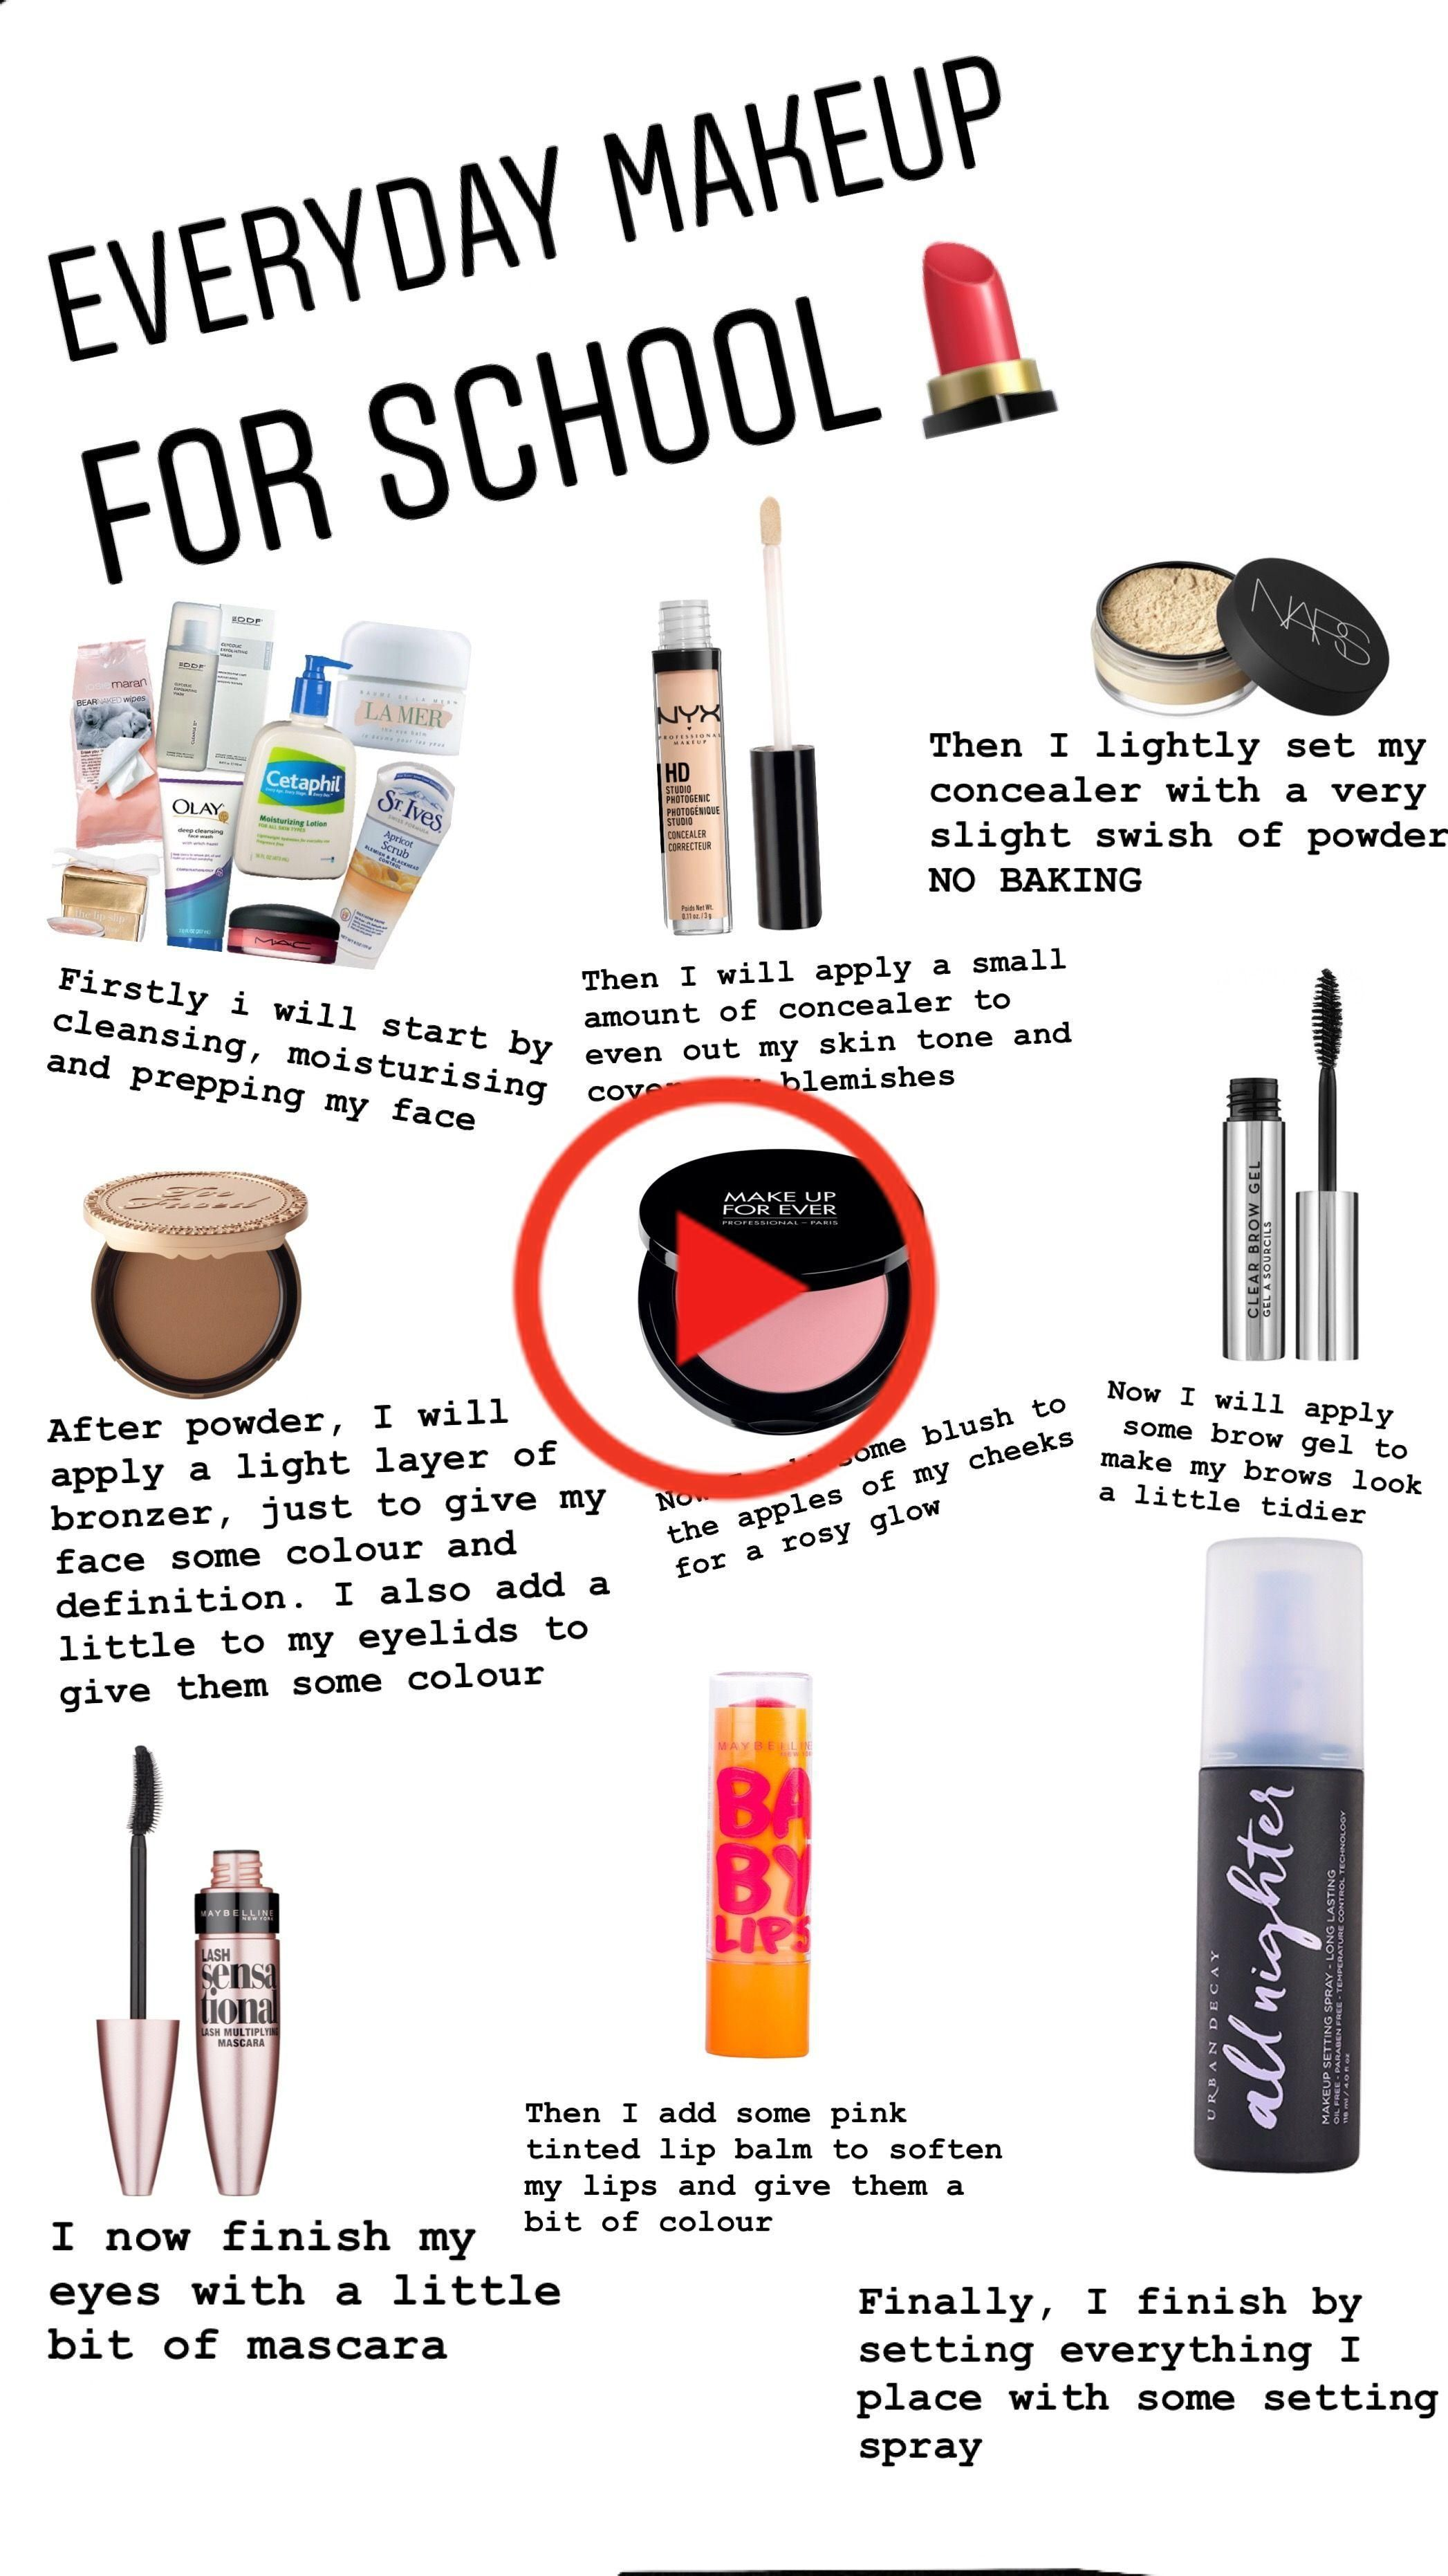 maquillaje todos los días in 2020 Makeup routine